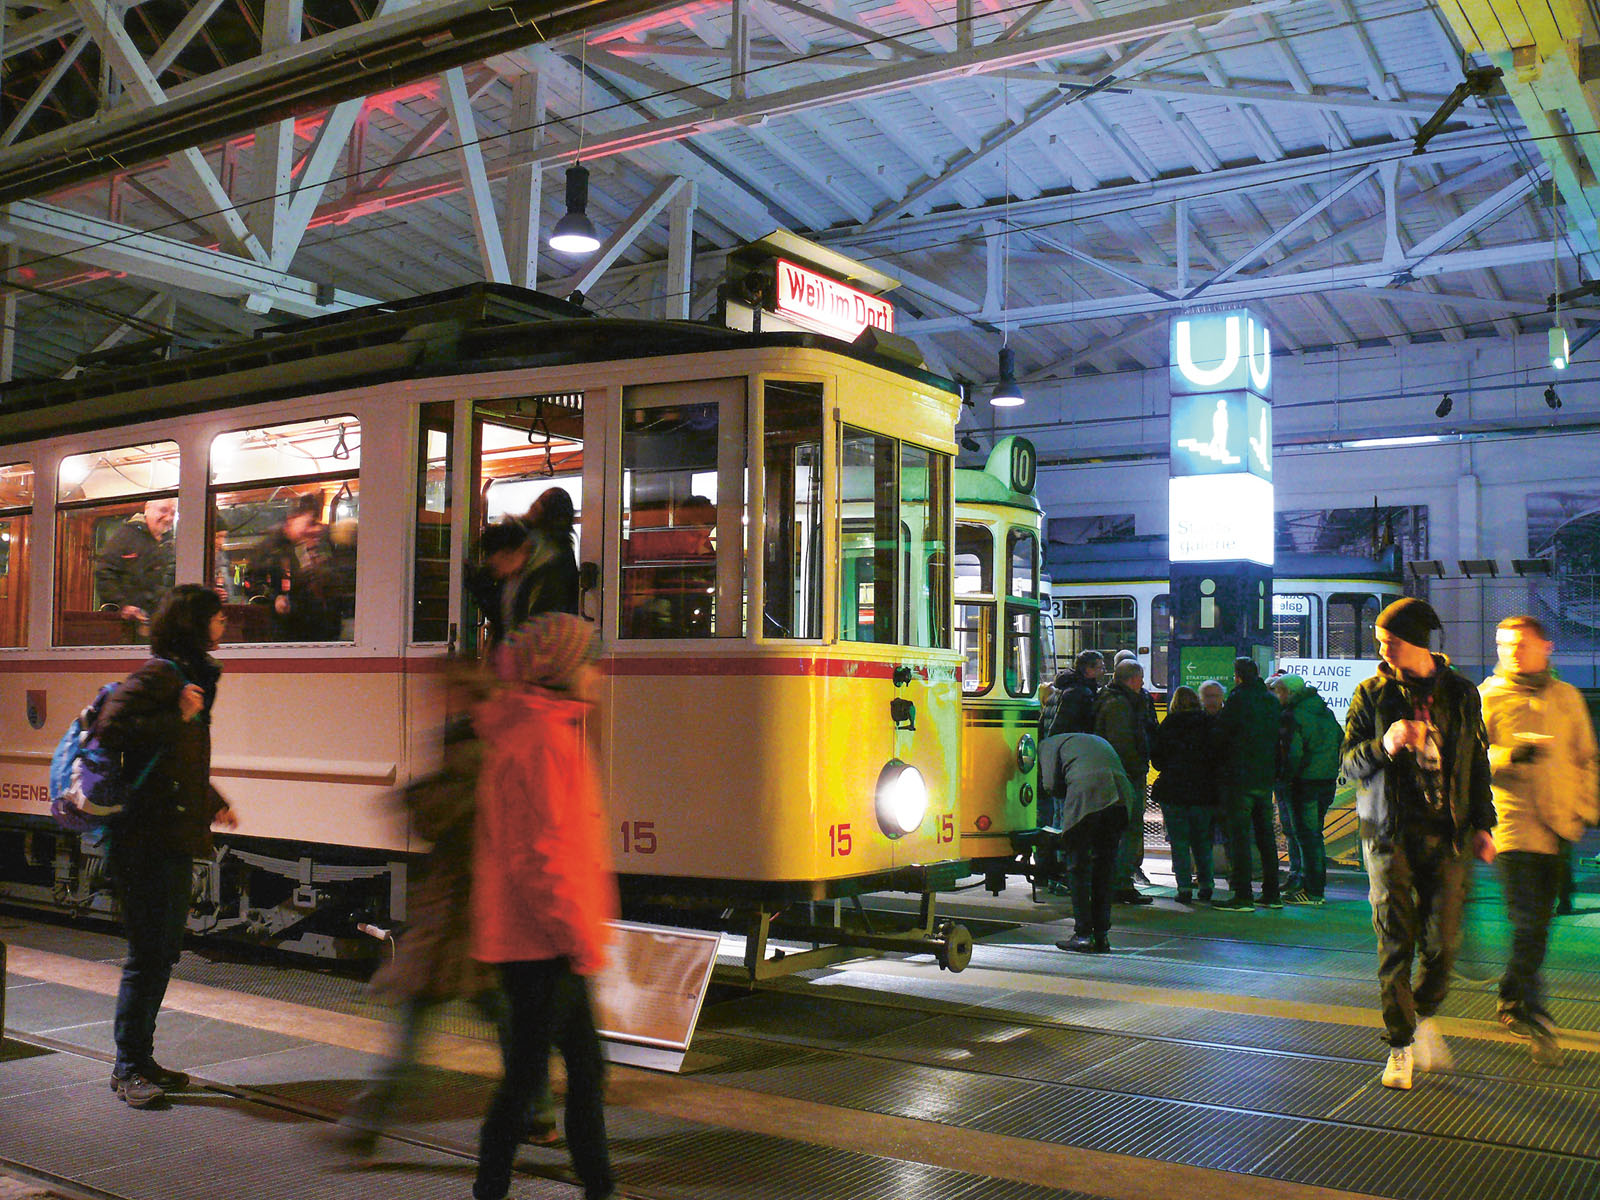 Lange Nacht der Museen Stuttgart - Strassenbahnmuseum Stuttgart Sonderausstellung